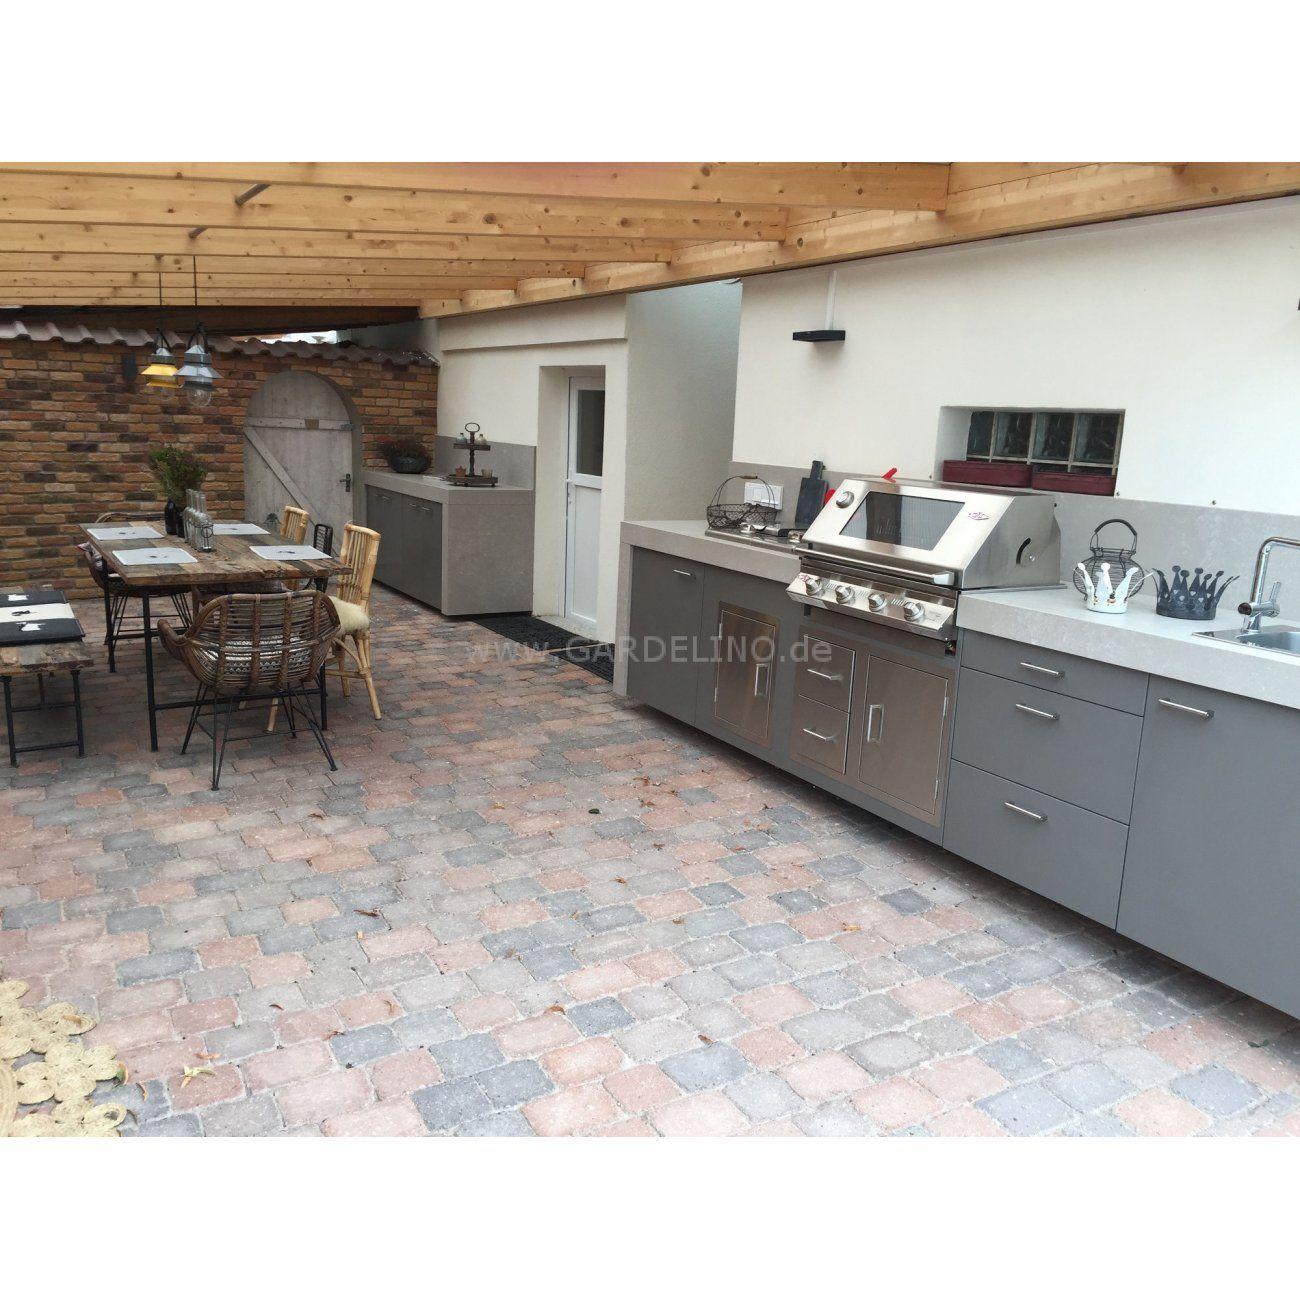 Einbautüren Outdoor Küche